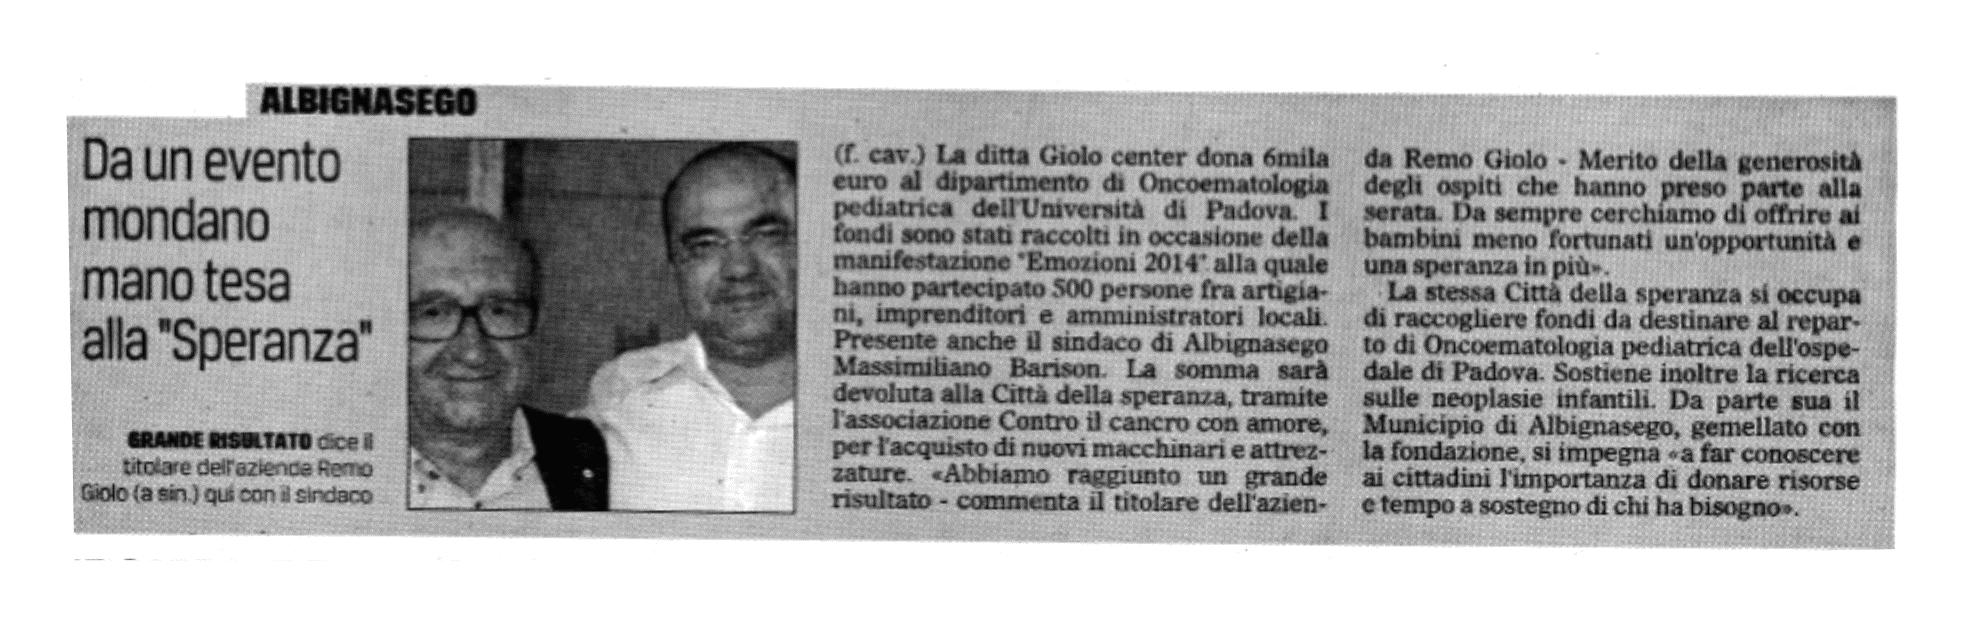 Articolo Gazzettino_Emozioni 2014